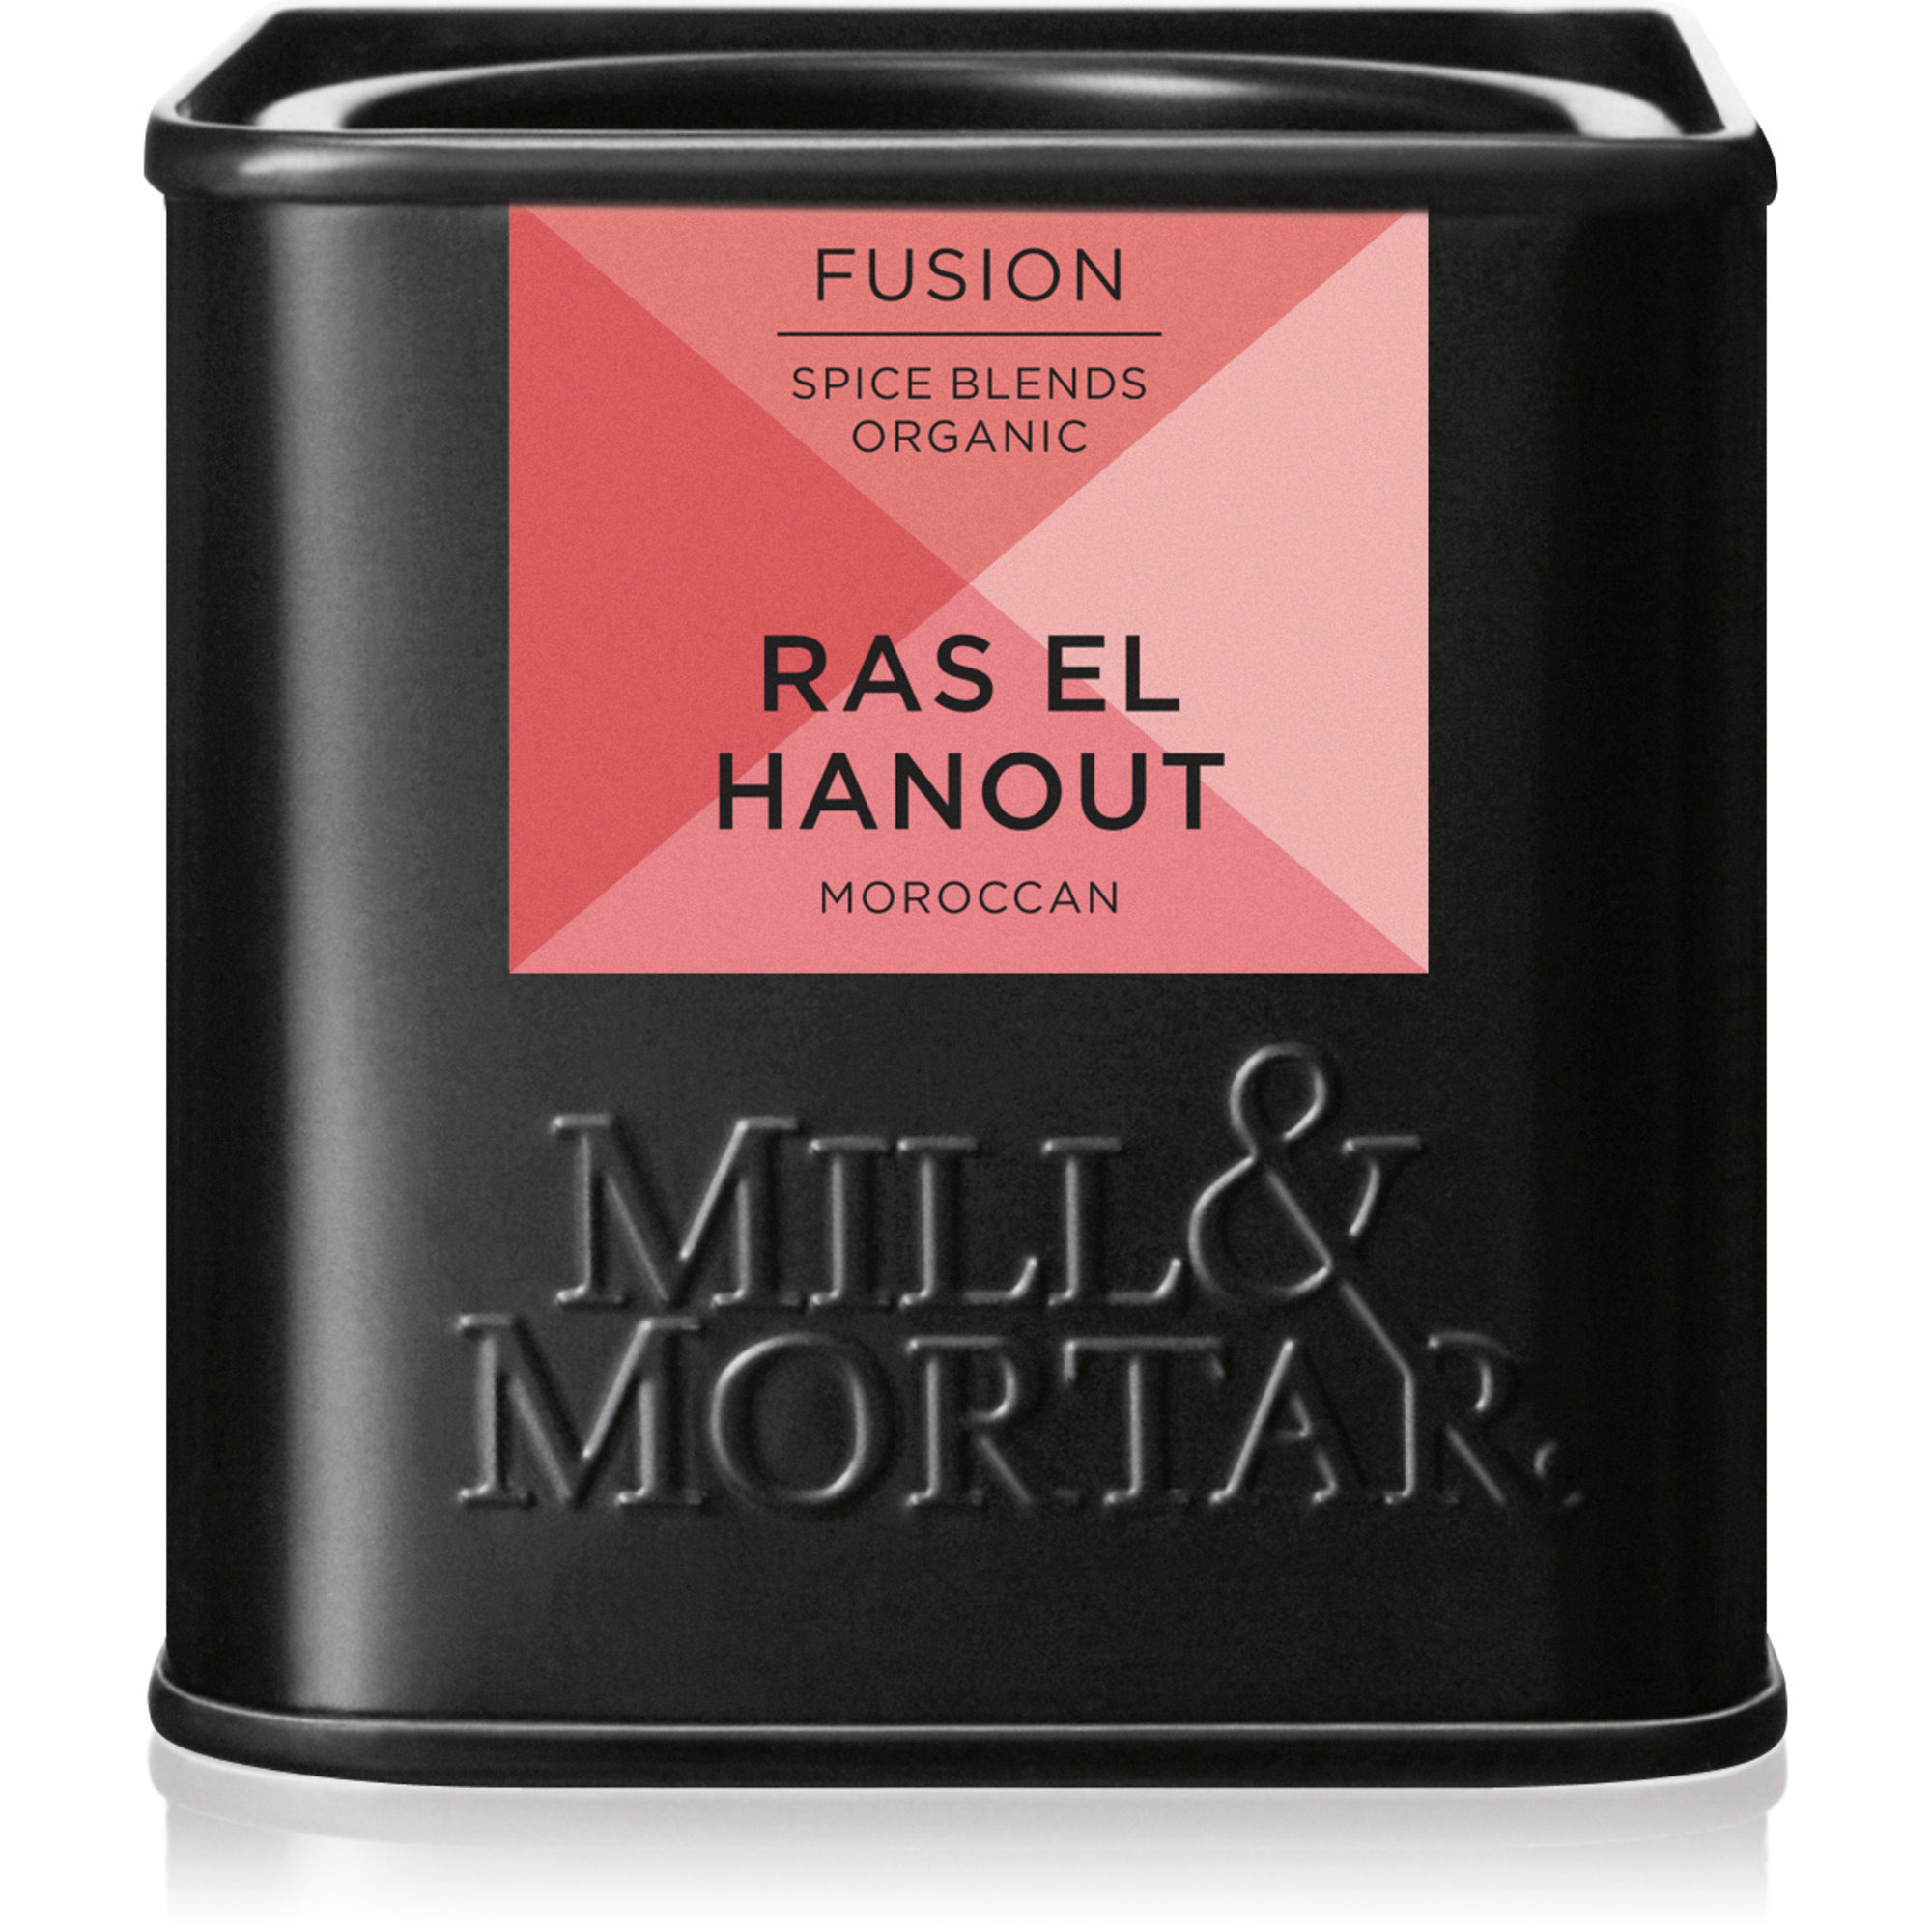 Mill & Mortar Ras el Hanout